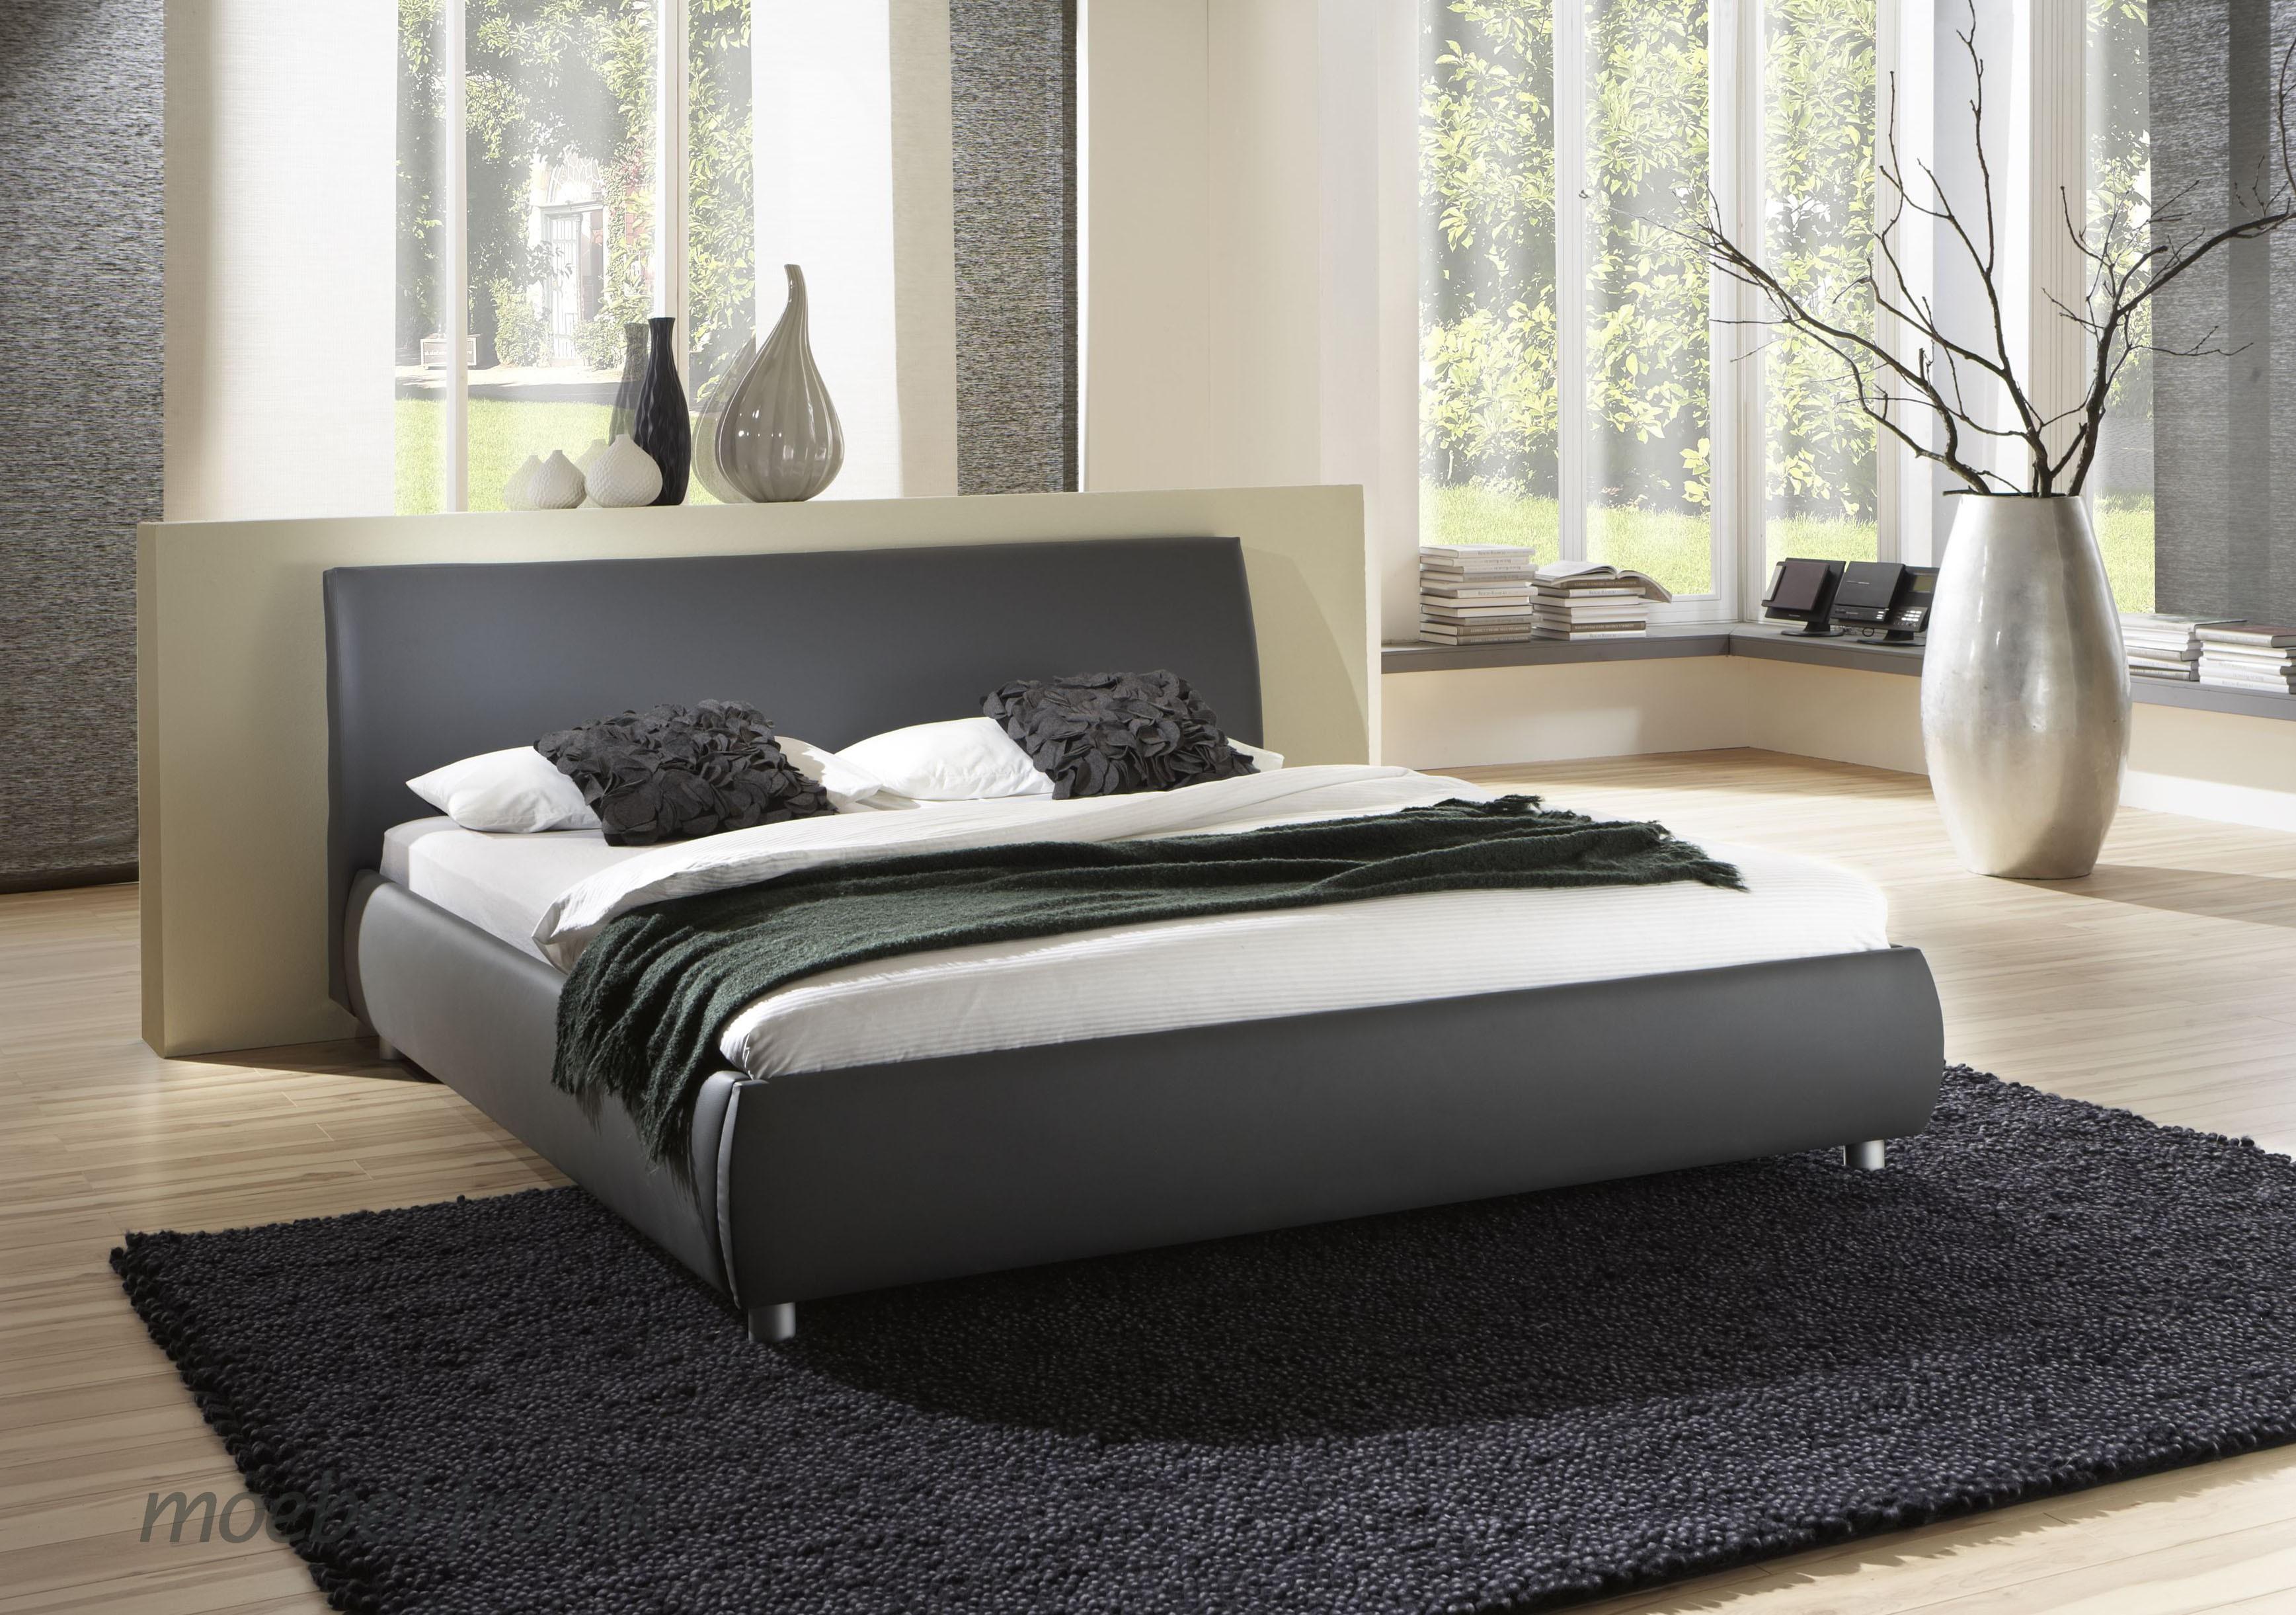 Schlafzimmer mit schwarzem bett – midir